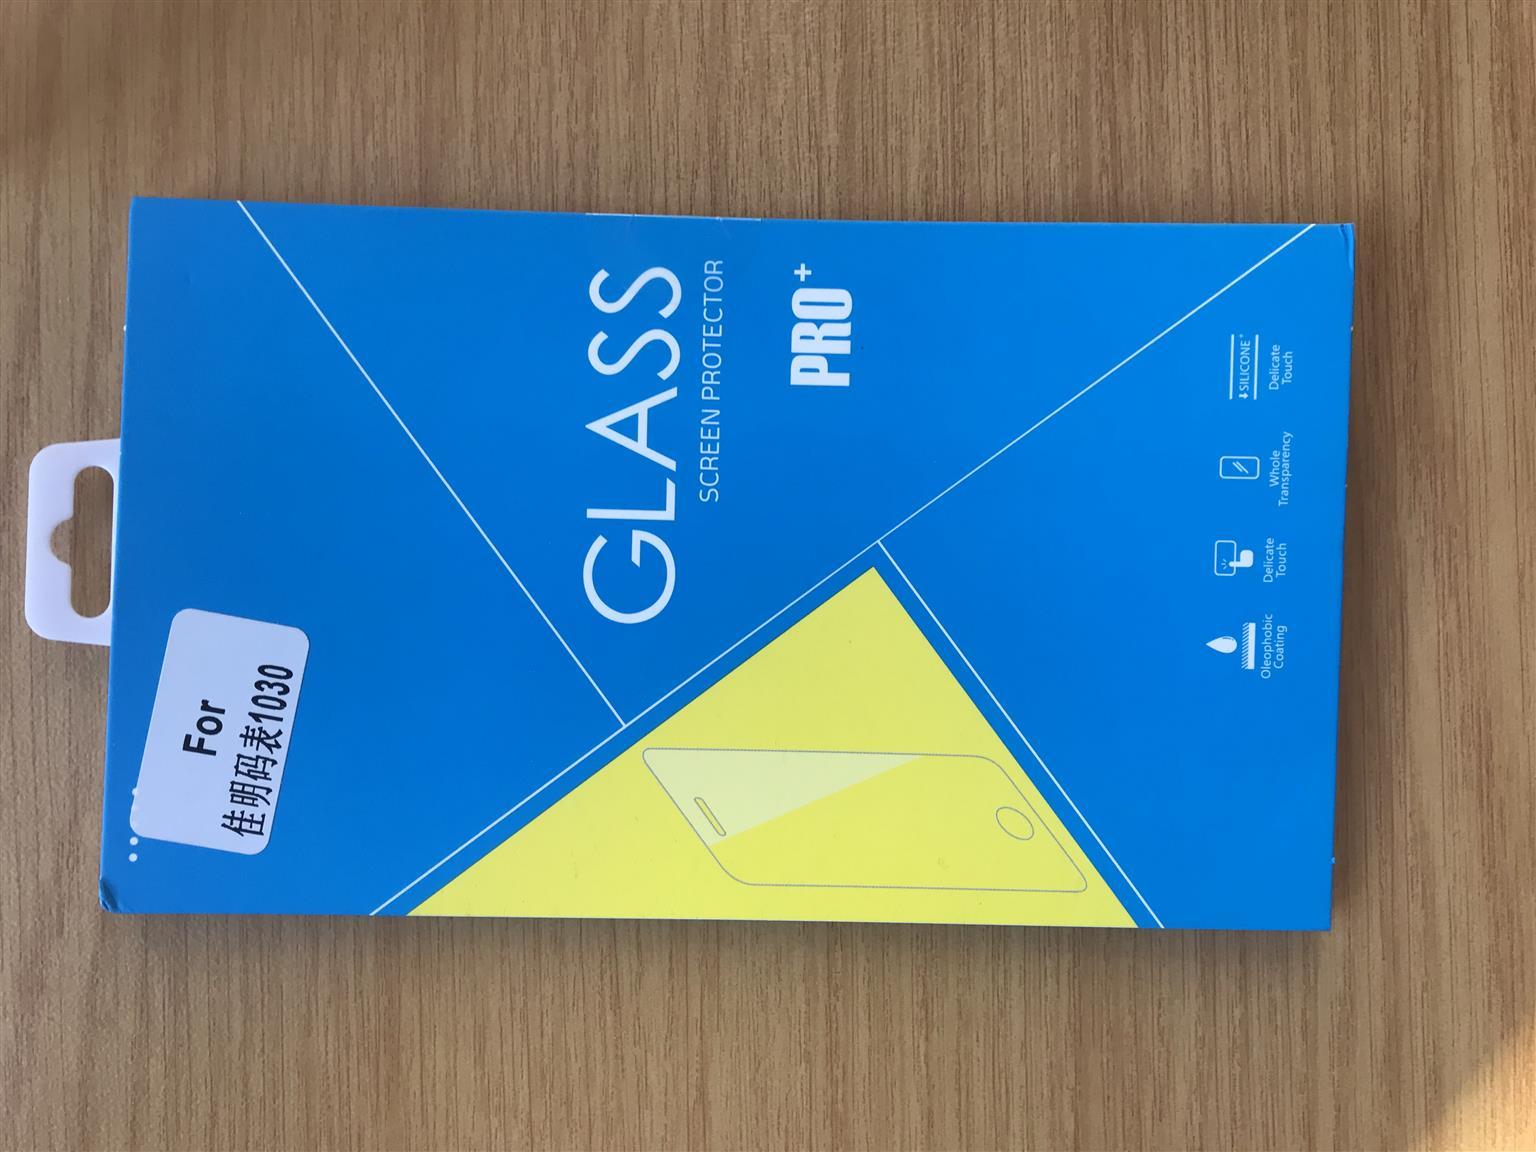 Garmin Edge 1030 Silicone case & glass screen protector